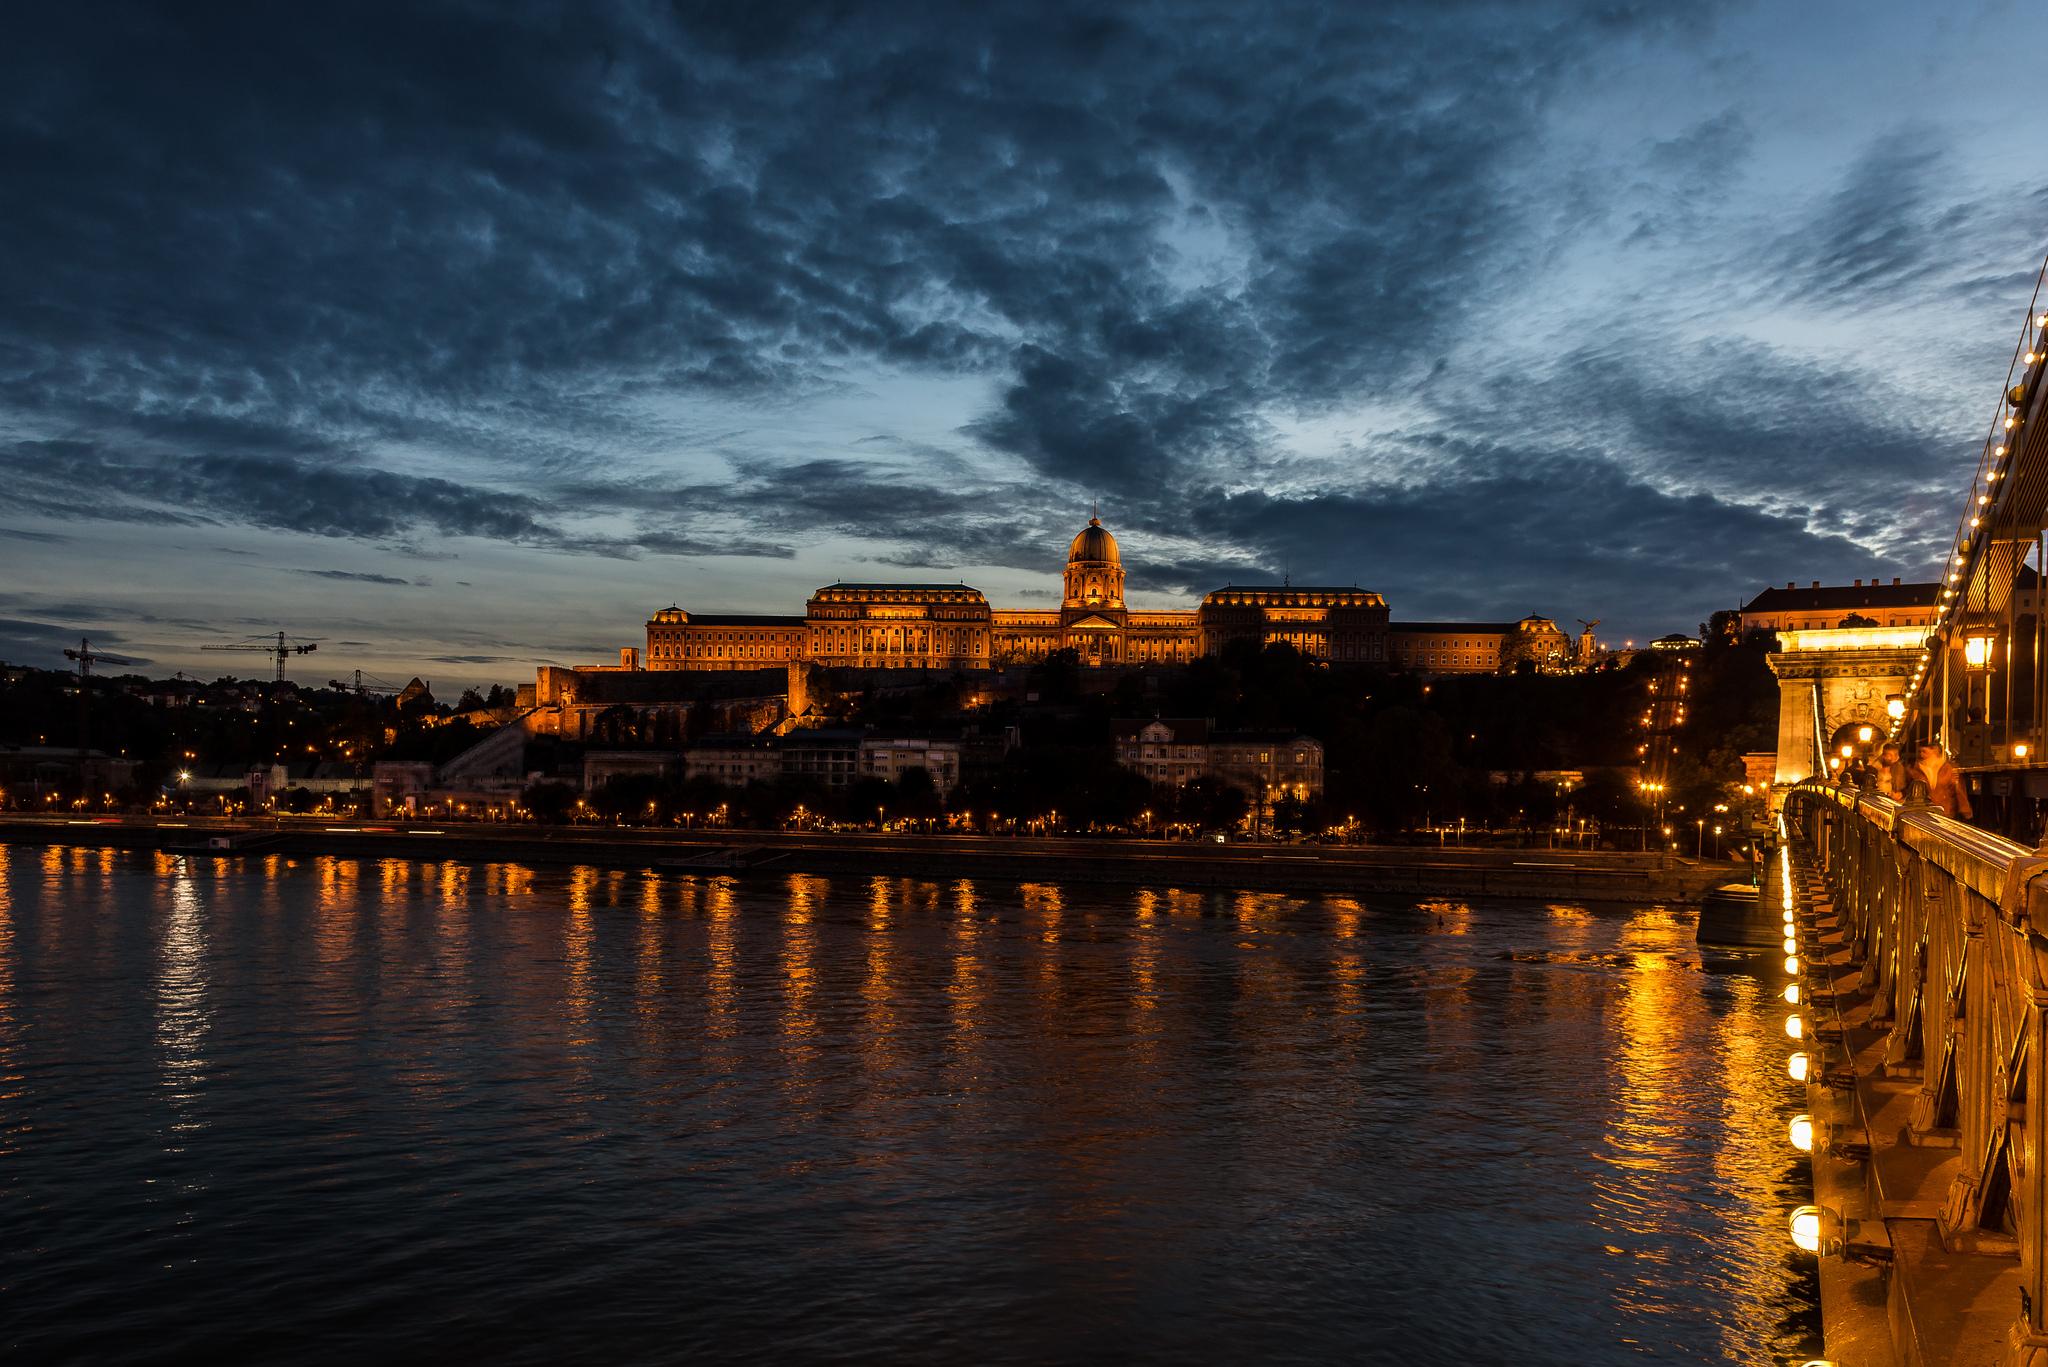 budai_var_budapest.jpg